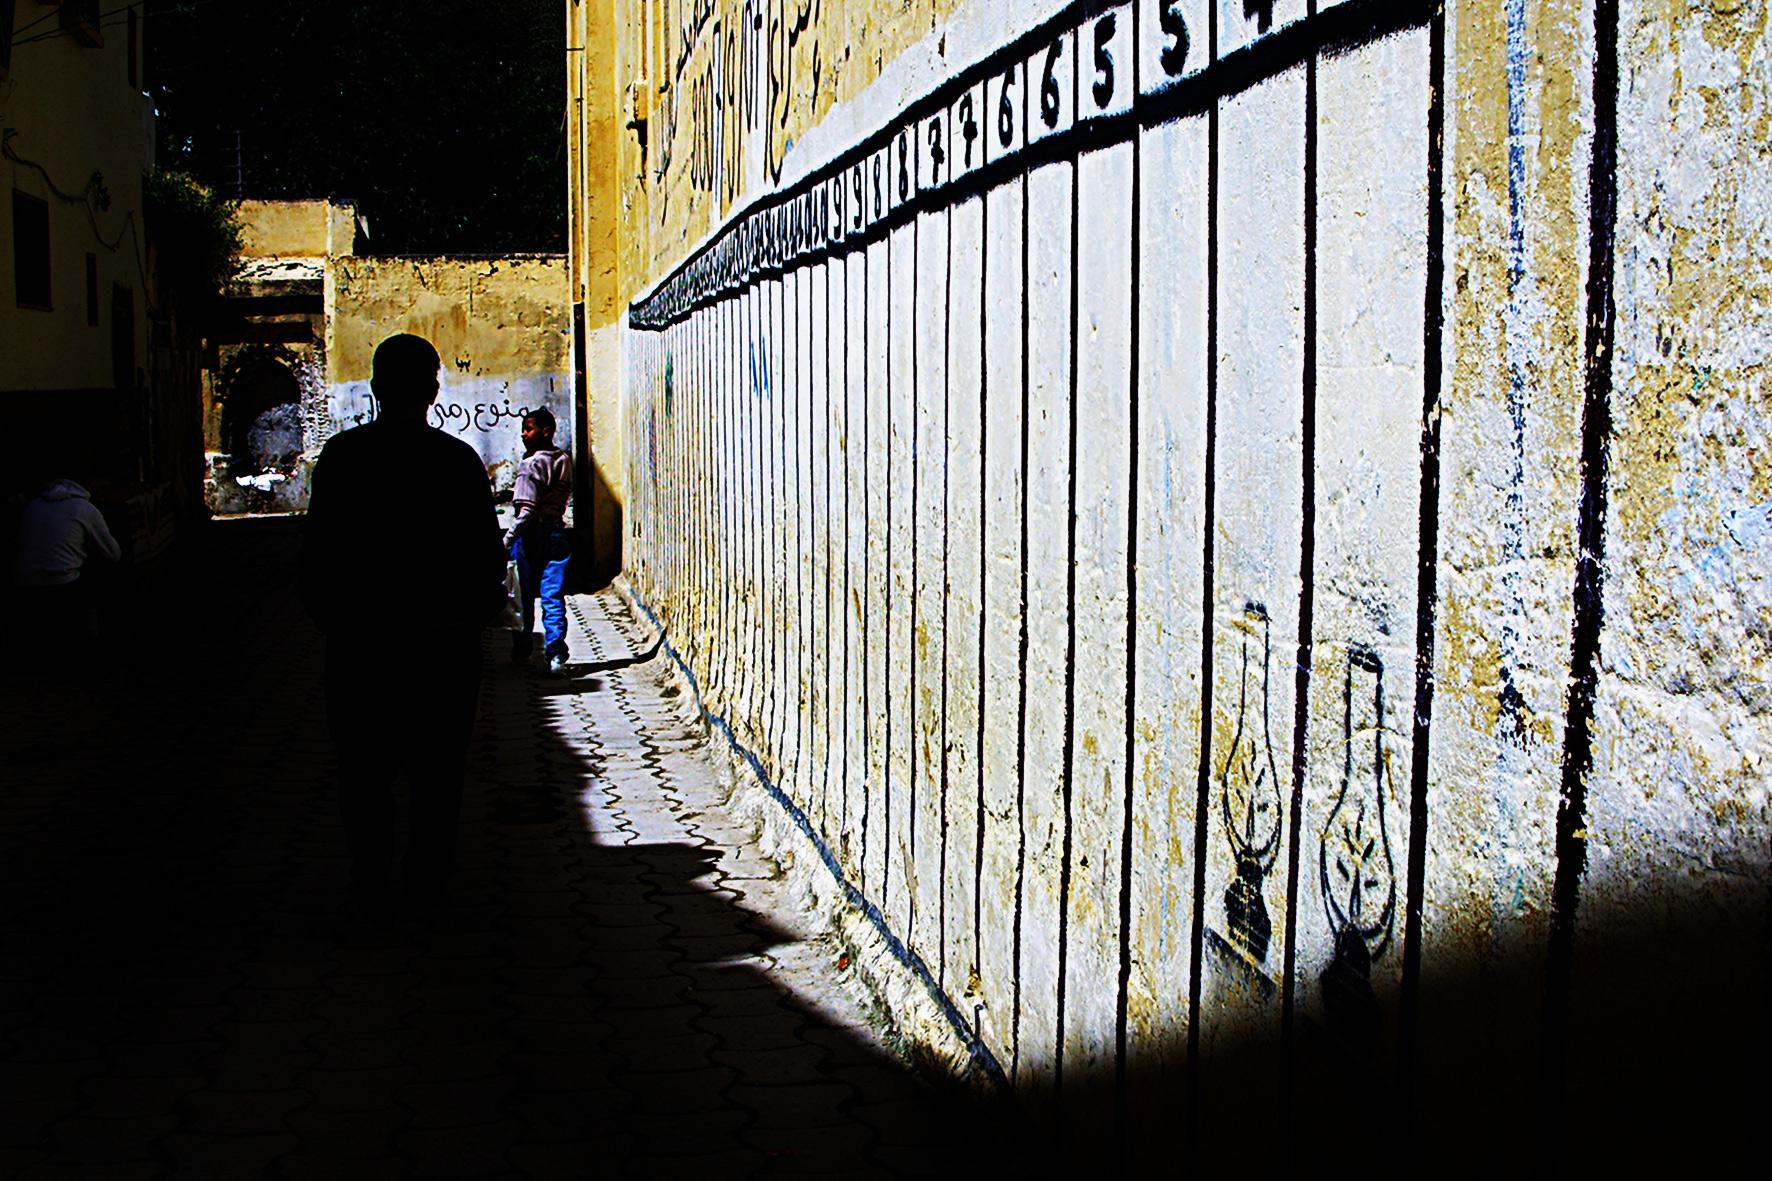 #Afrique 5. Maroc, Meknès. 2008